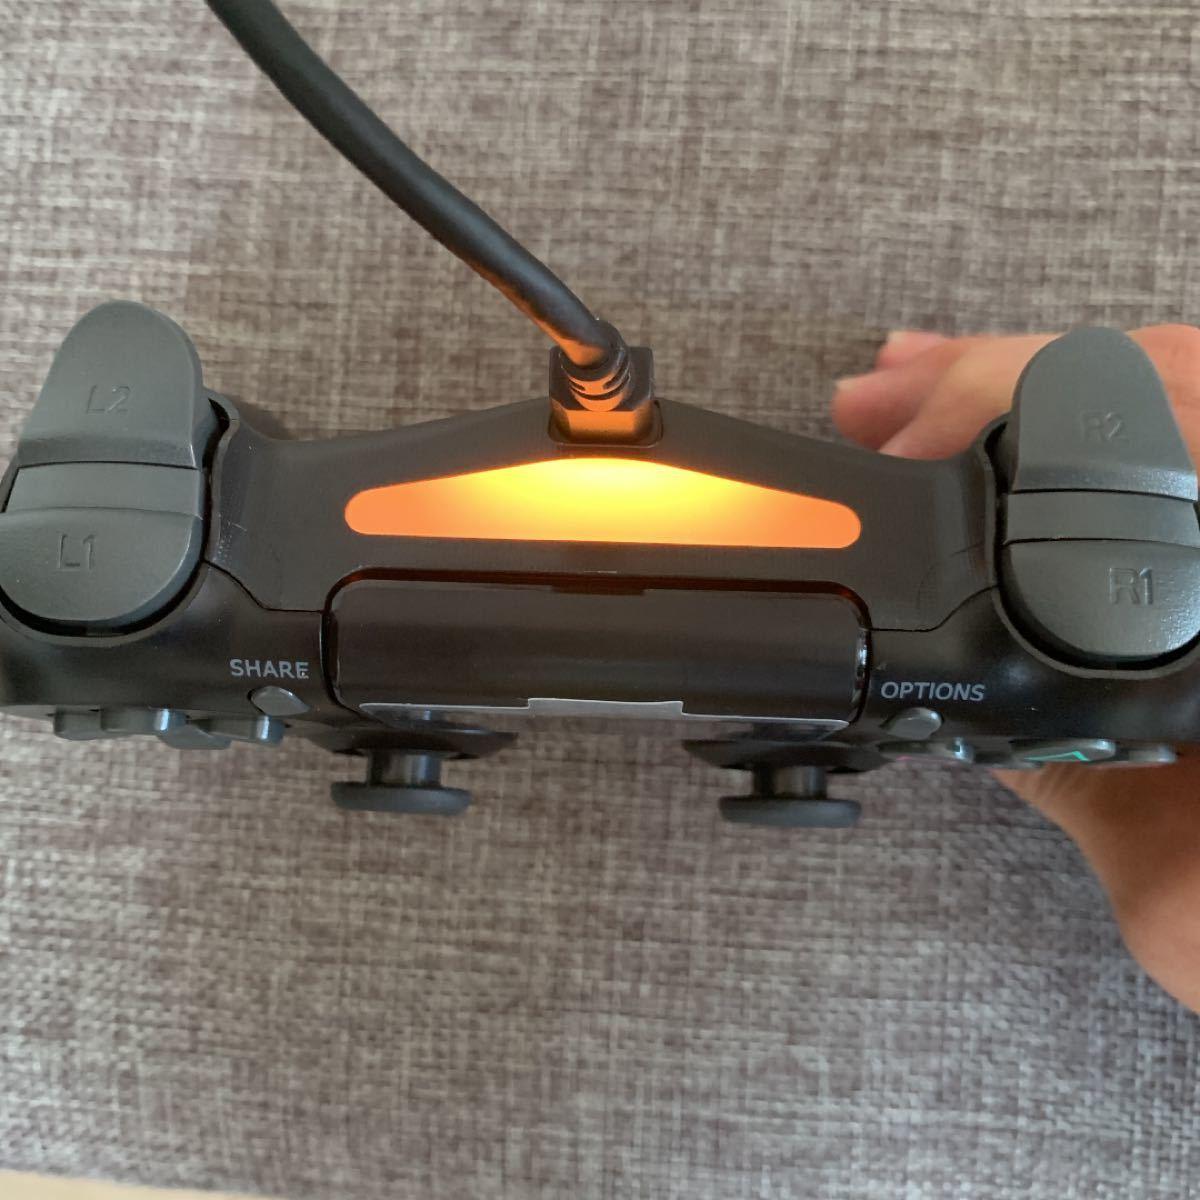 【PS4】新品 ワイヤレスコントローラ互換品 ps4コントローラー